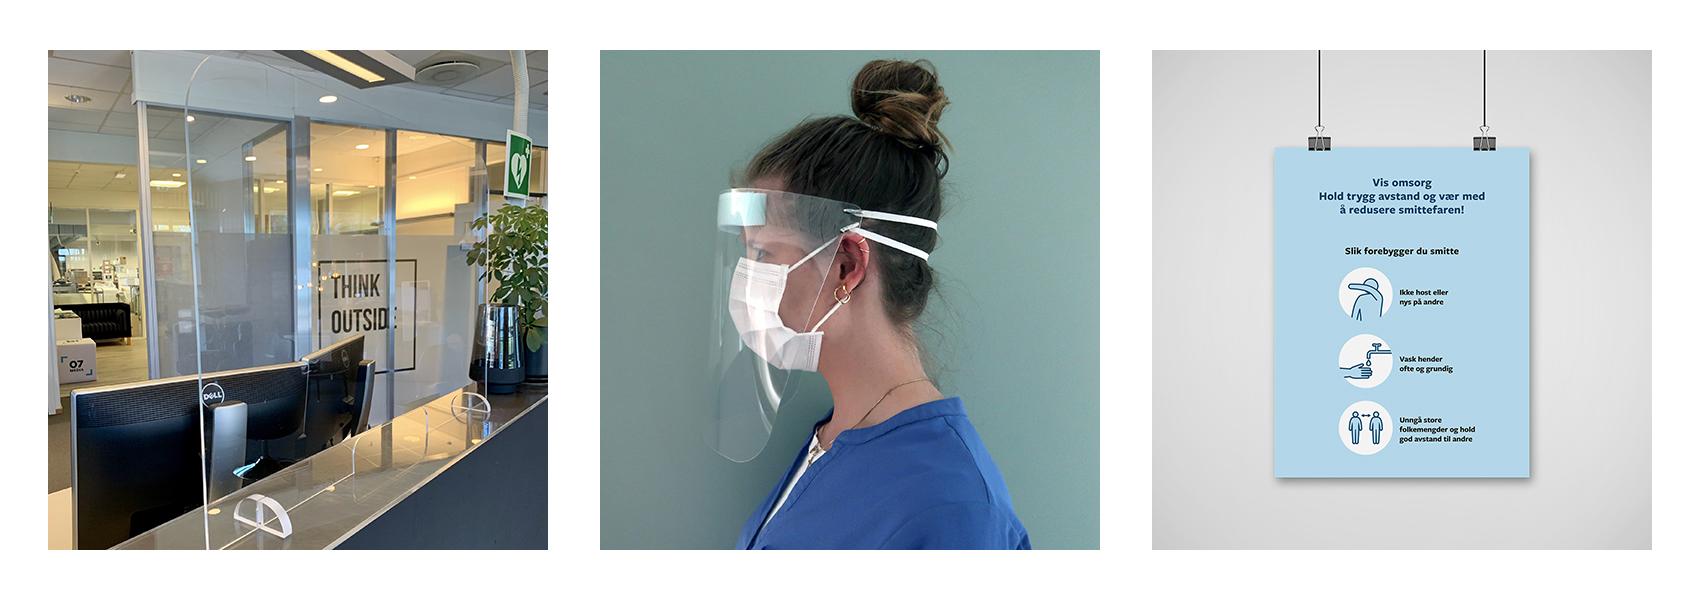 Diverse smittevernsutstyr, som pleksiglass, ansiktsvisir og informasjonsplakat.